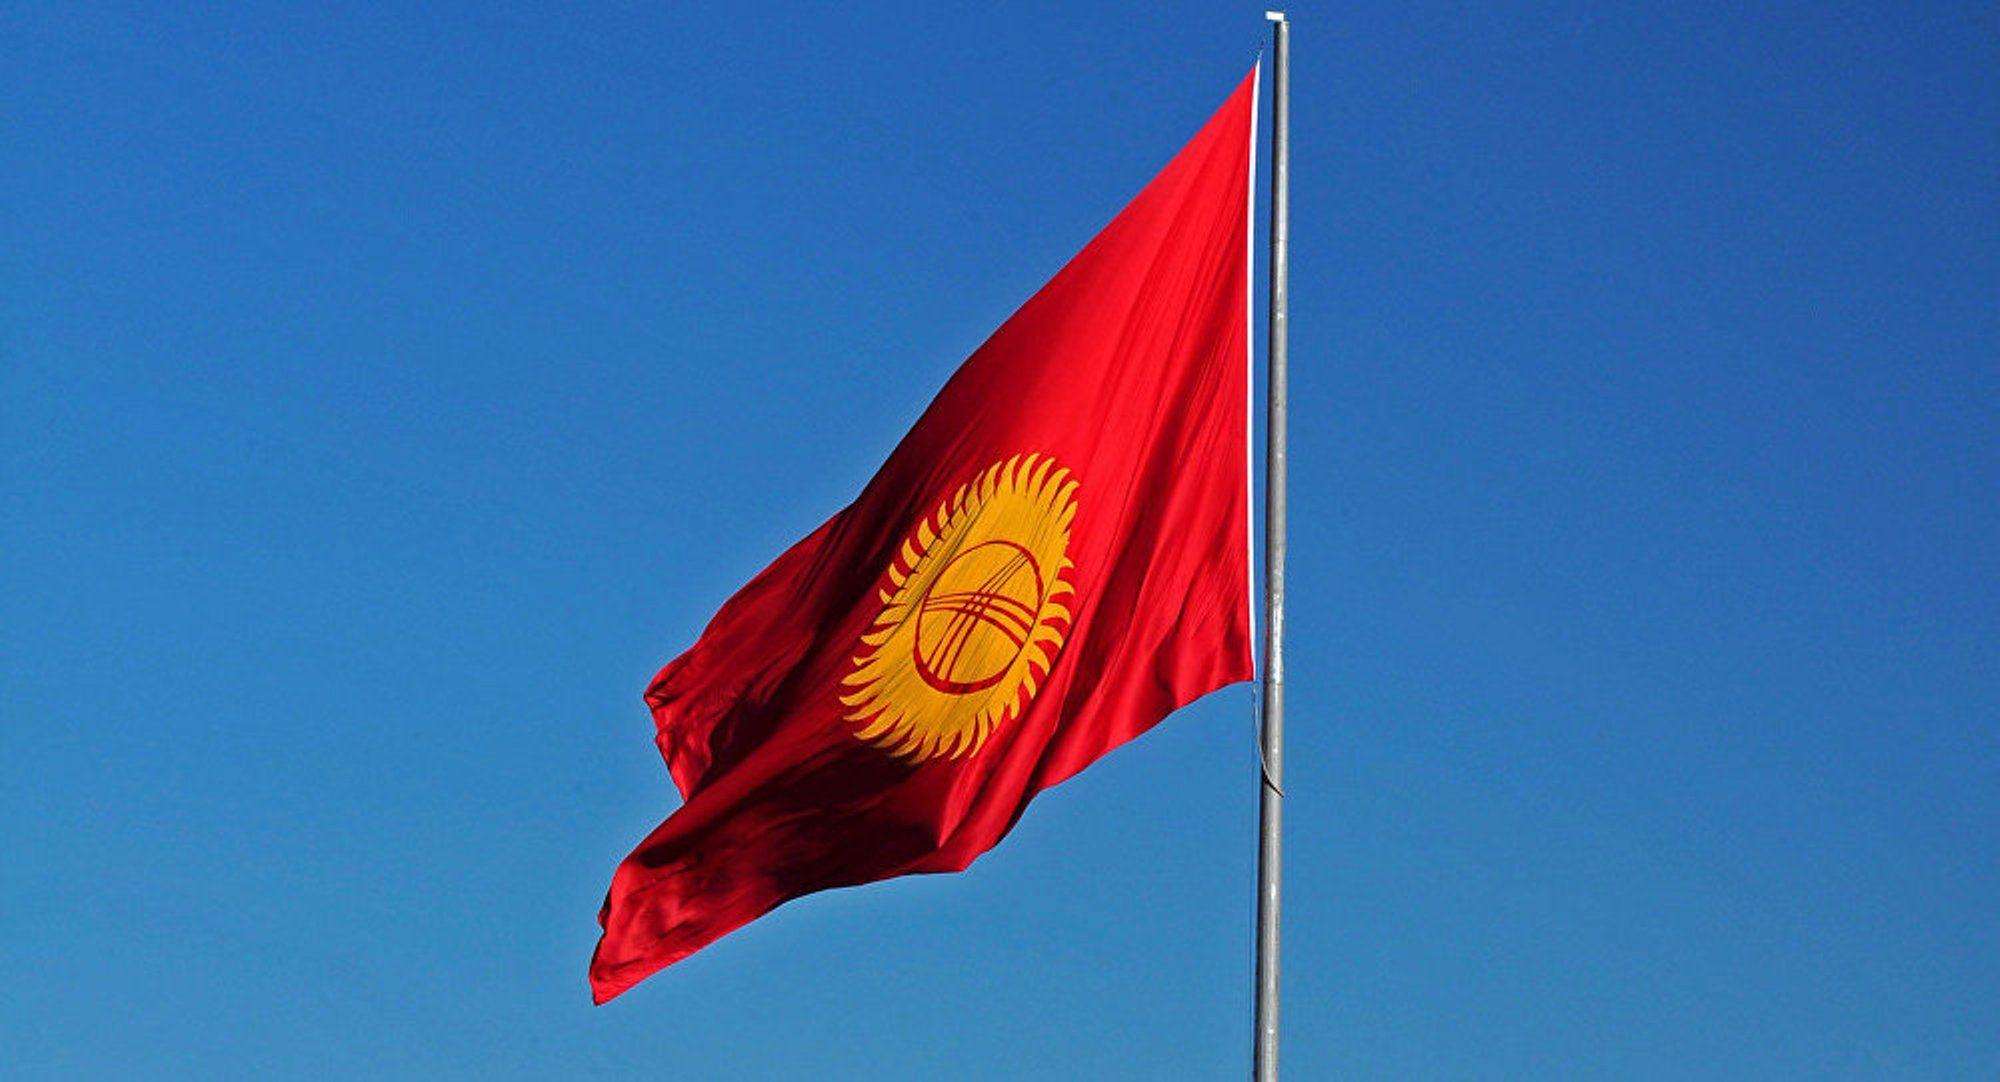 поставляются флаг киргизии фото картинки лентяй ищет любой